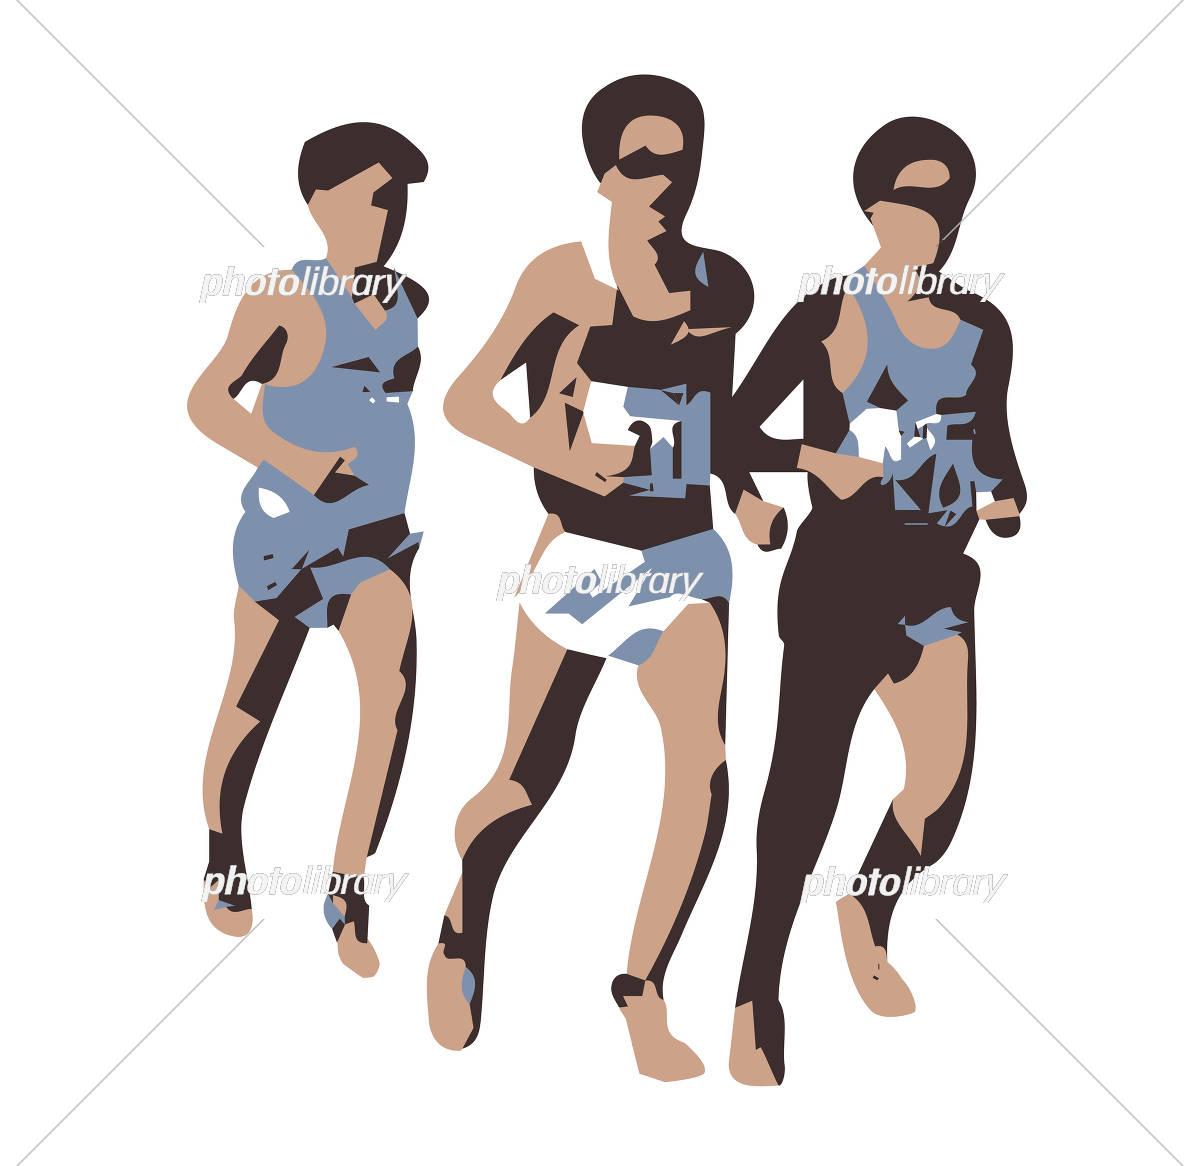 マラソン イラスト素材 5245496 フォトライブラリー Photolibrary